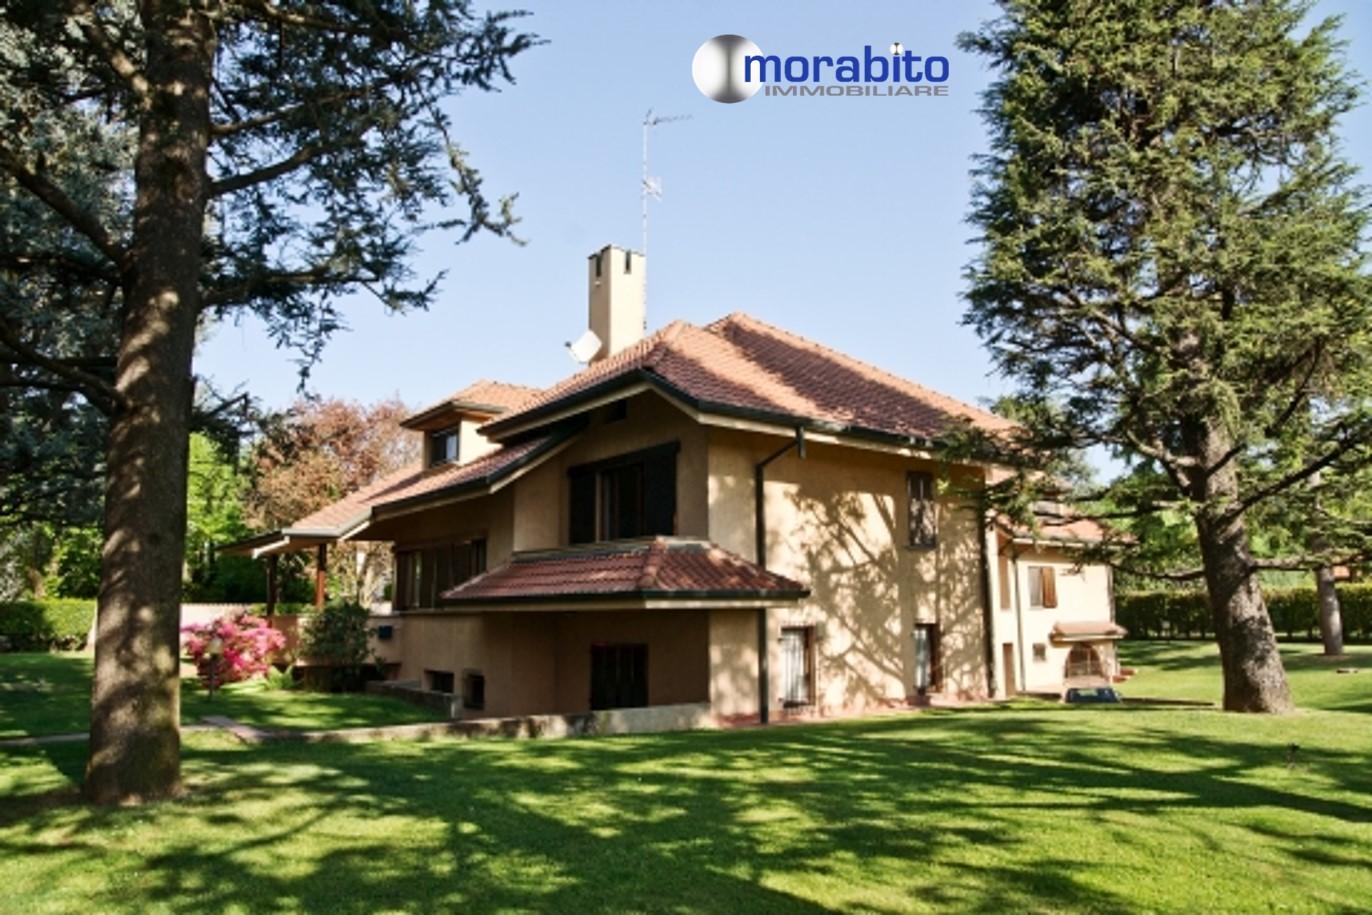 Soluzione Indipendente in vendita a Gerenzano, 10 locali, zona Località: SorgenteSanGiacomo, prezzo € 1.200.000 | CambioCasa.it